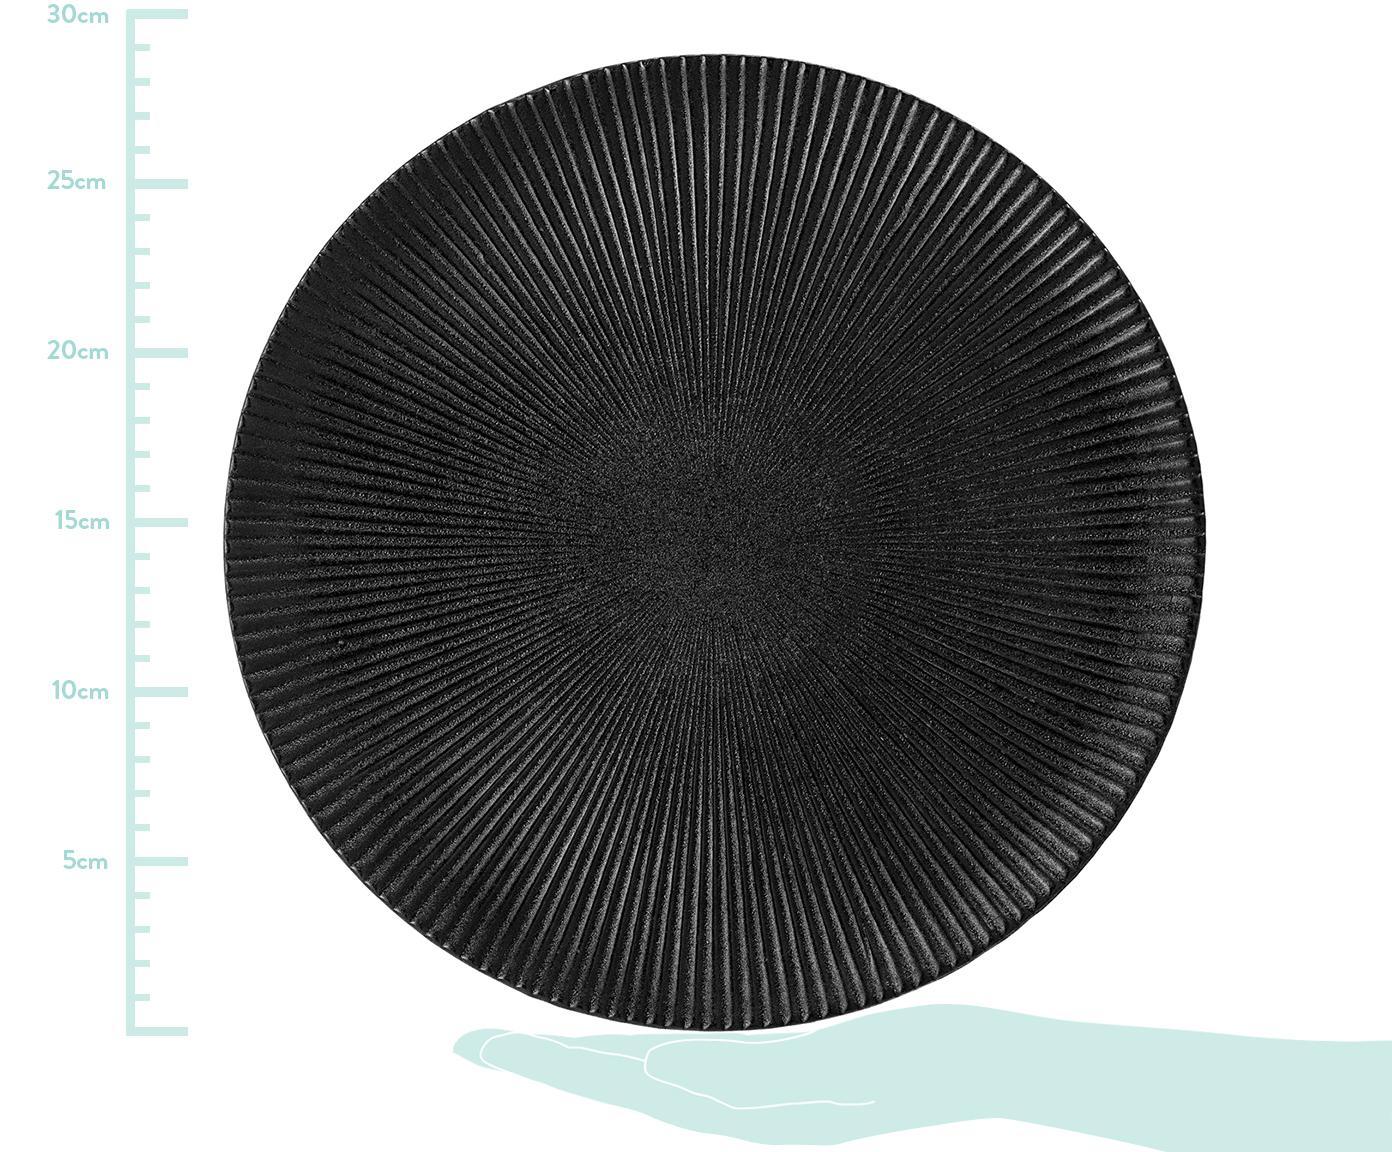 Speiseteller Neri mit Rillenstruktur in Schwarz matt, Steingut Mit Rillenstruktur und leicht rauer Oberfläche, Schwarz, Ø 29 cm